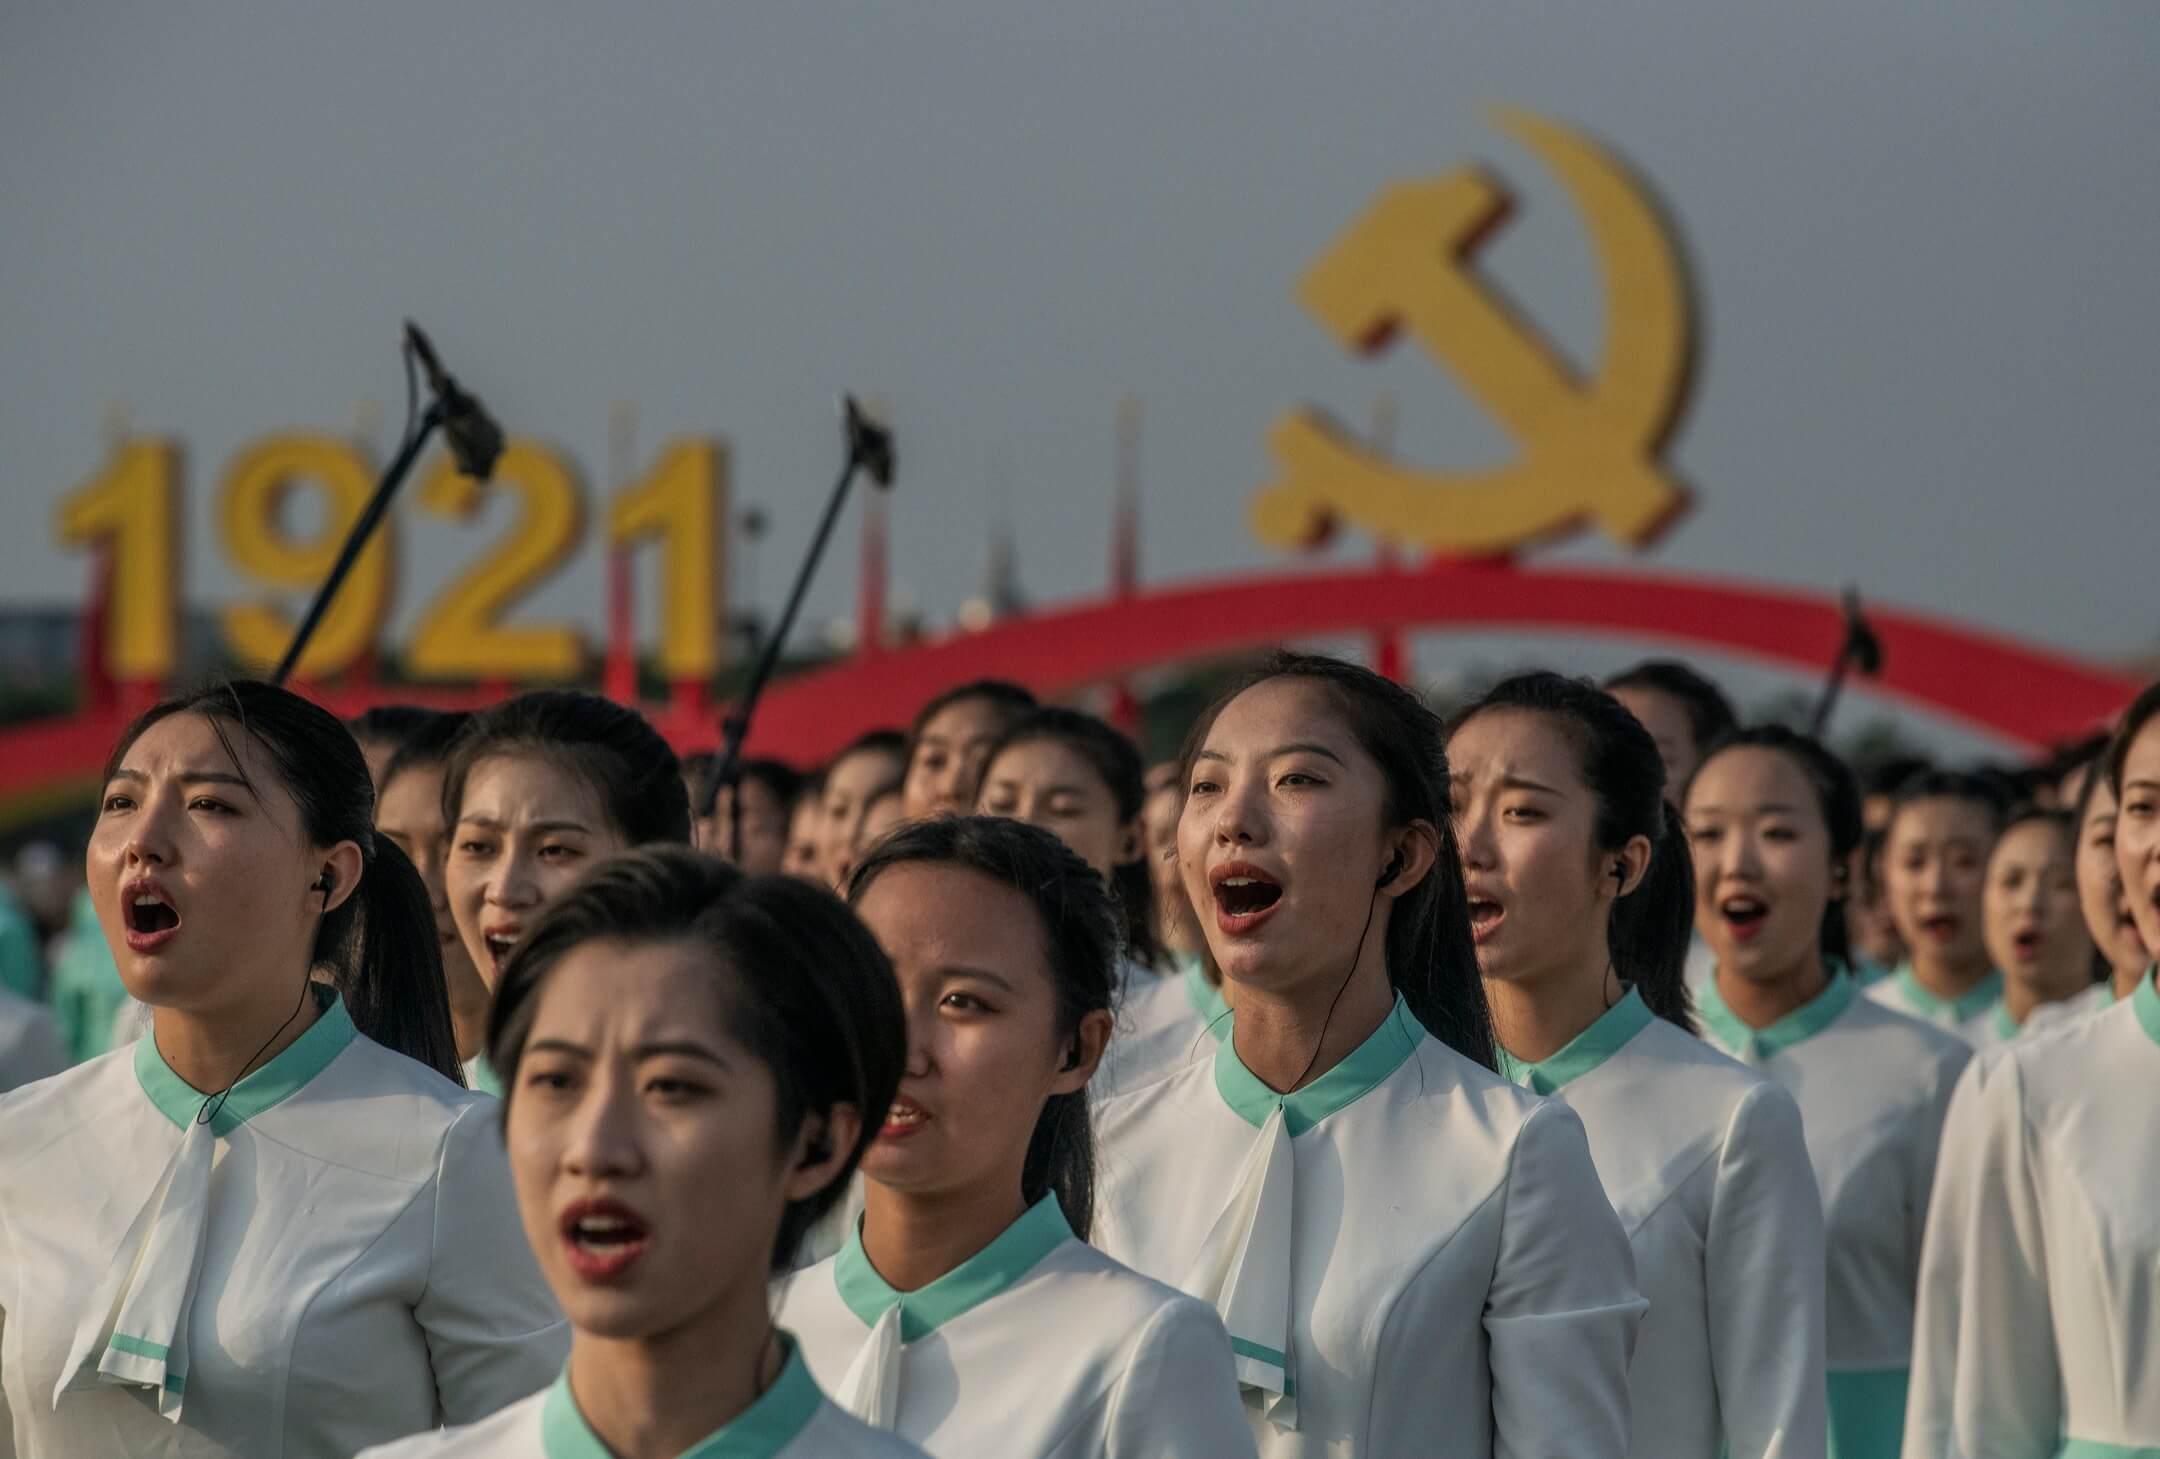 2021年7月1日,中共百週年黨慶,表演者在天安門廣場上獻唱。 攝:Kevin Frayer/Getty Images